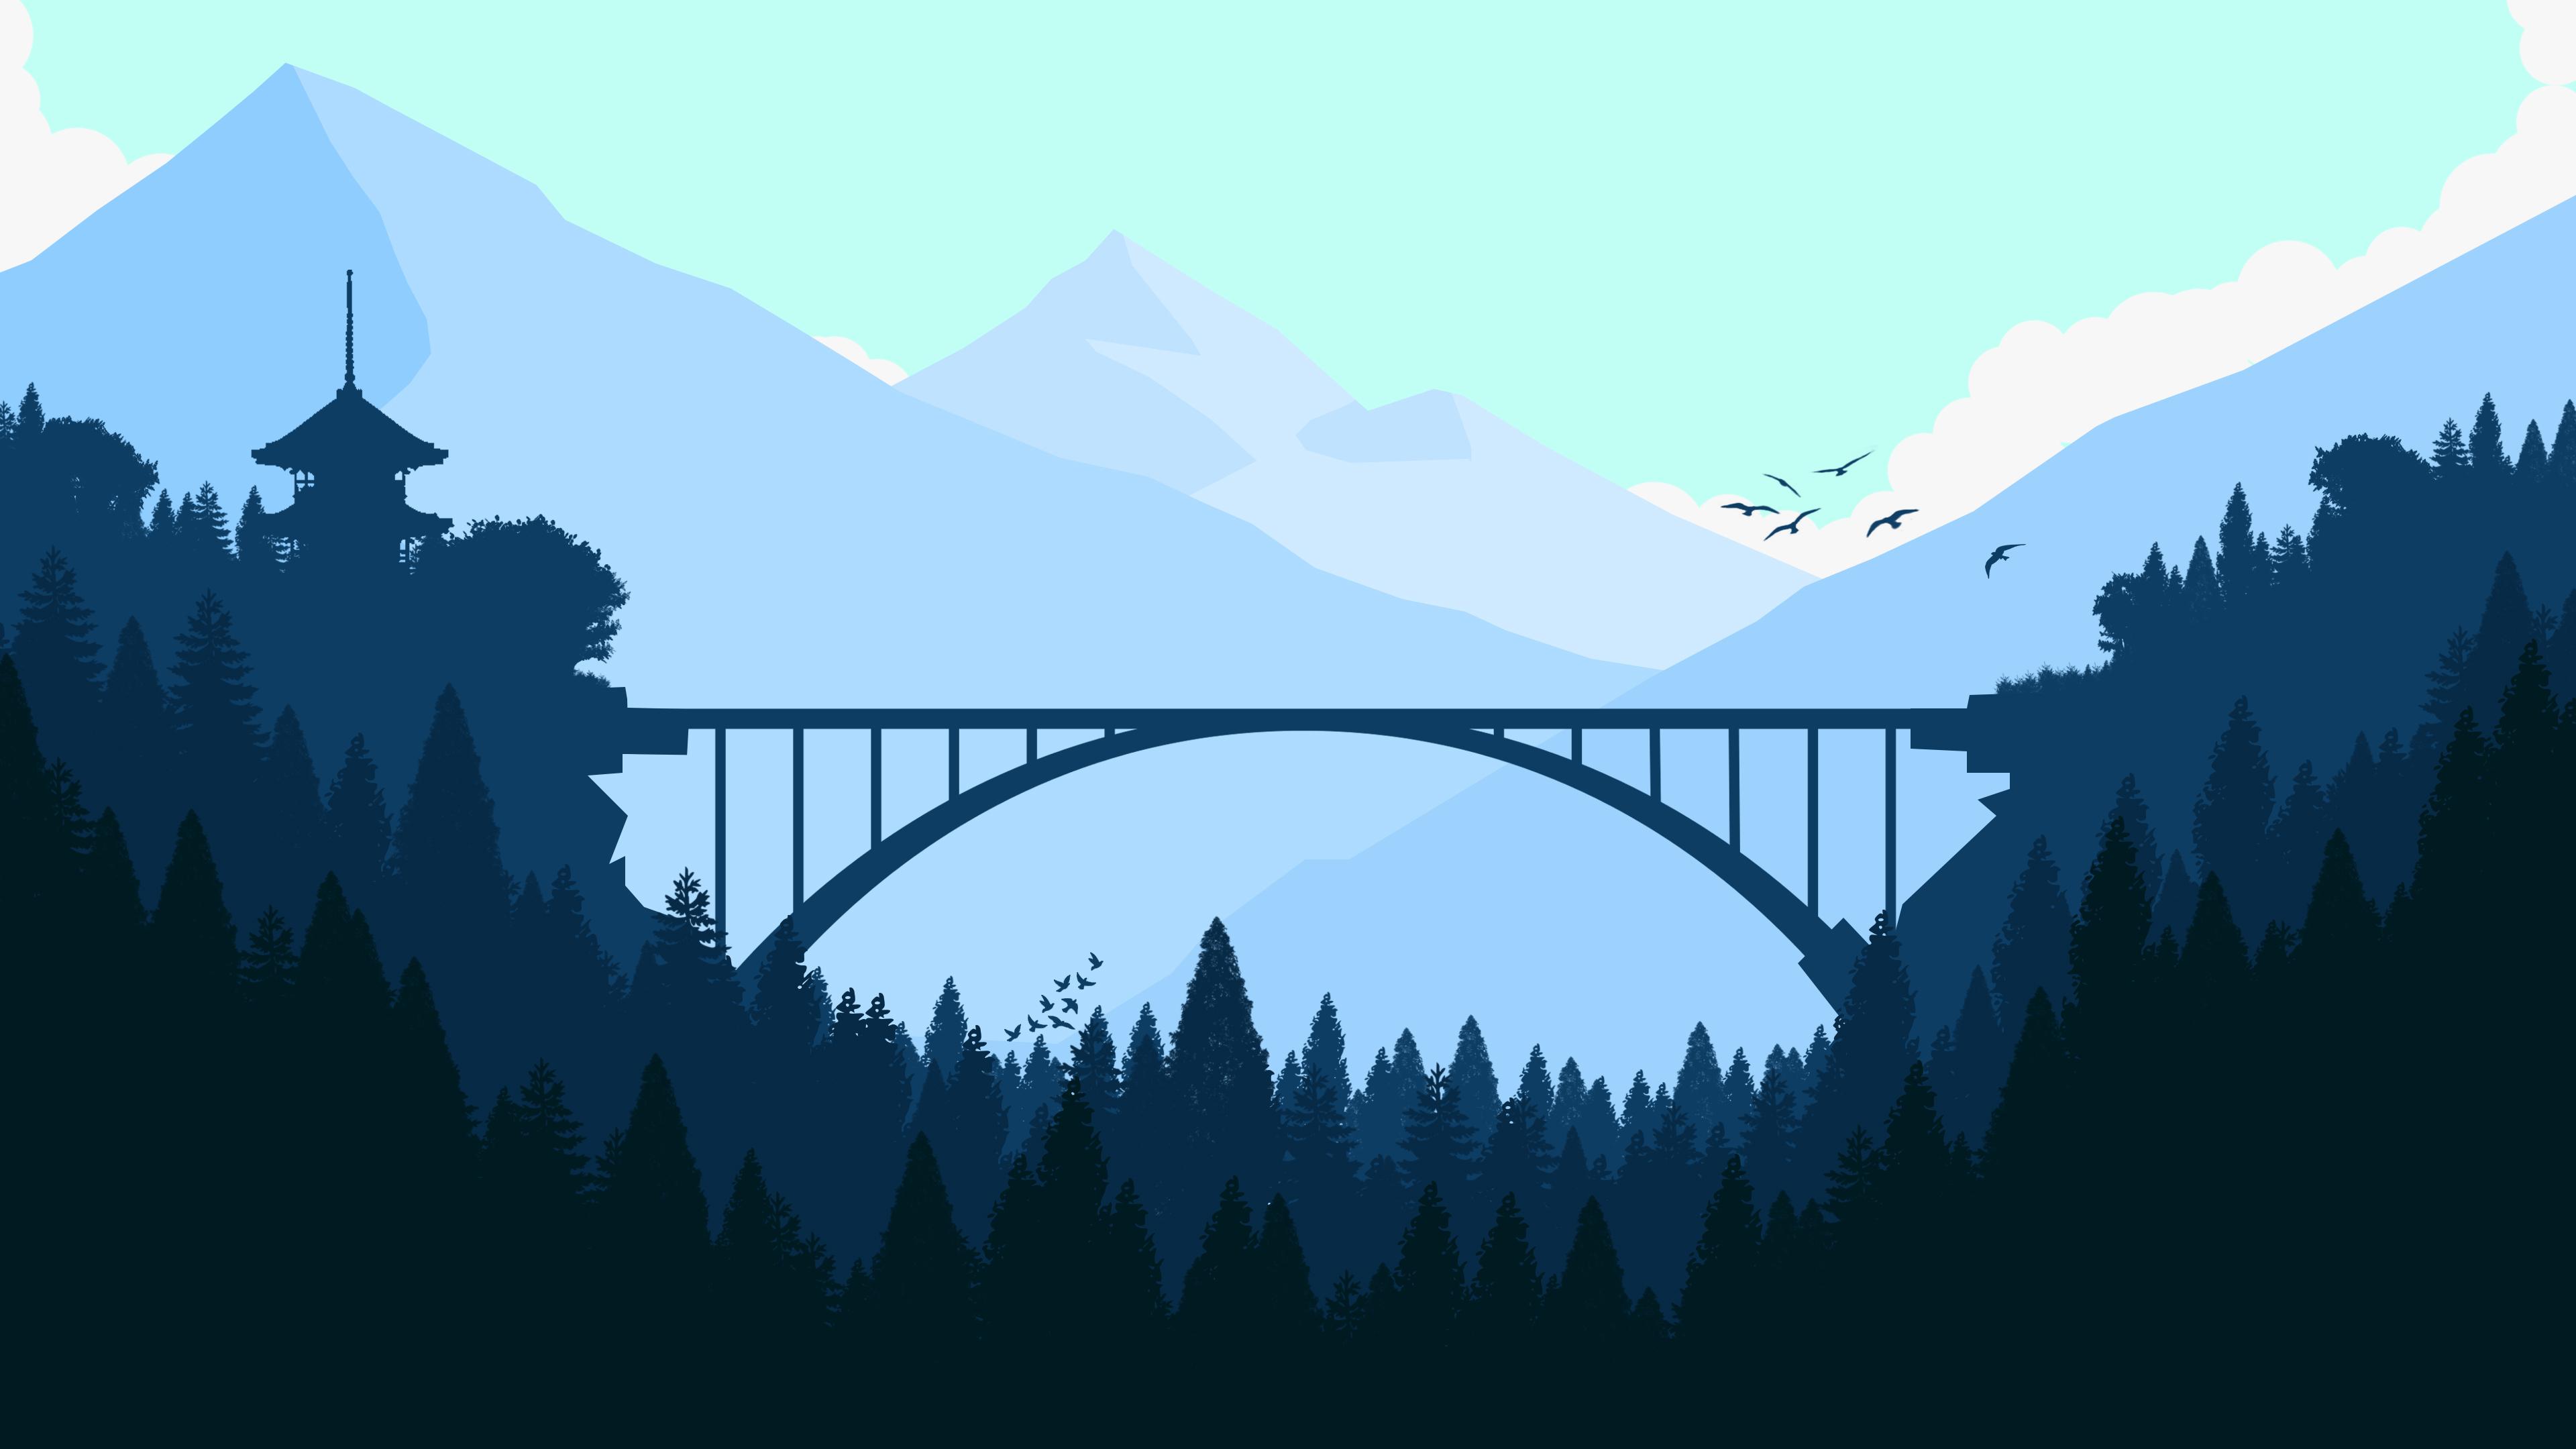 Recovery Mountain Minimalist 4k Hd Desktop Wallpaper For: Bridge In Forest Minimalist 4k, HD Artist, 4k Wallpapers